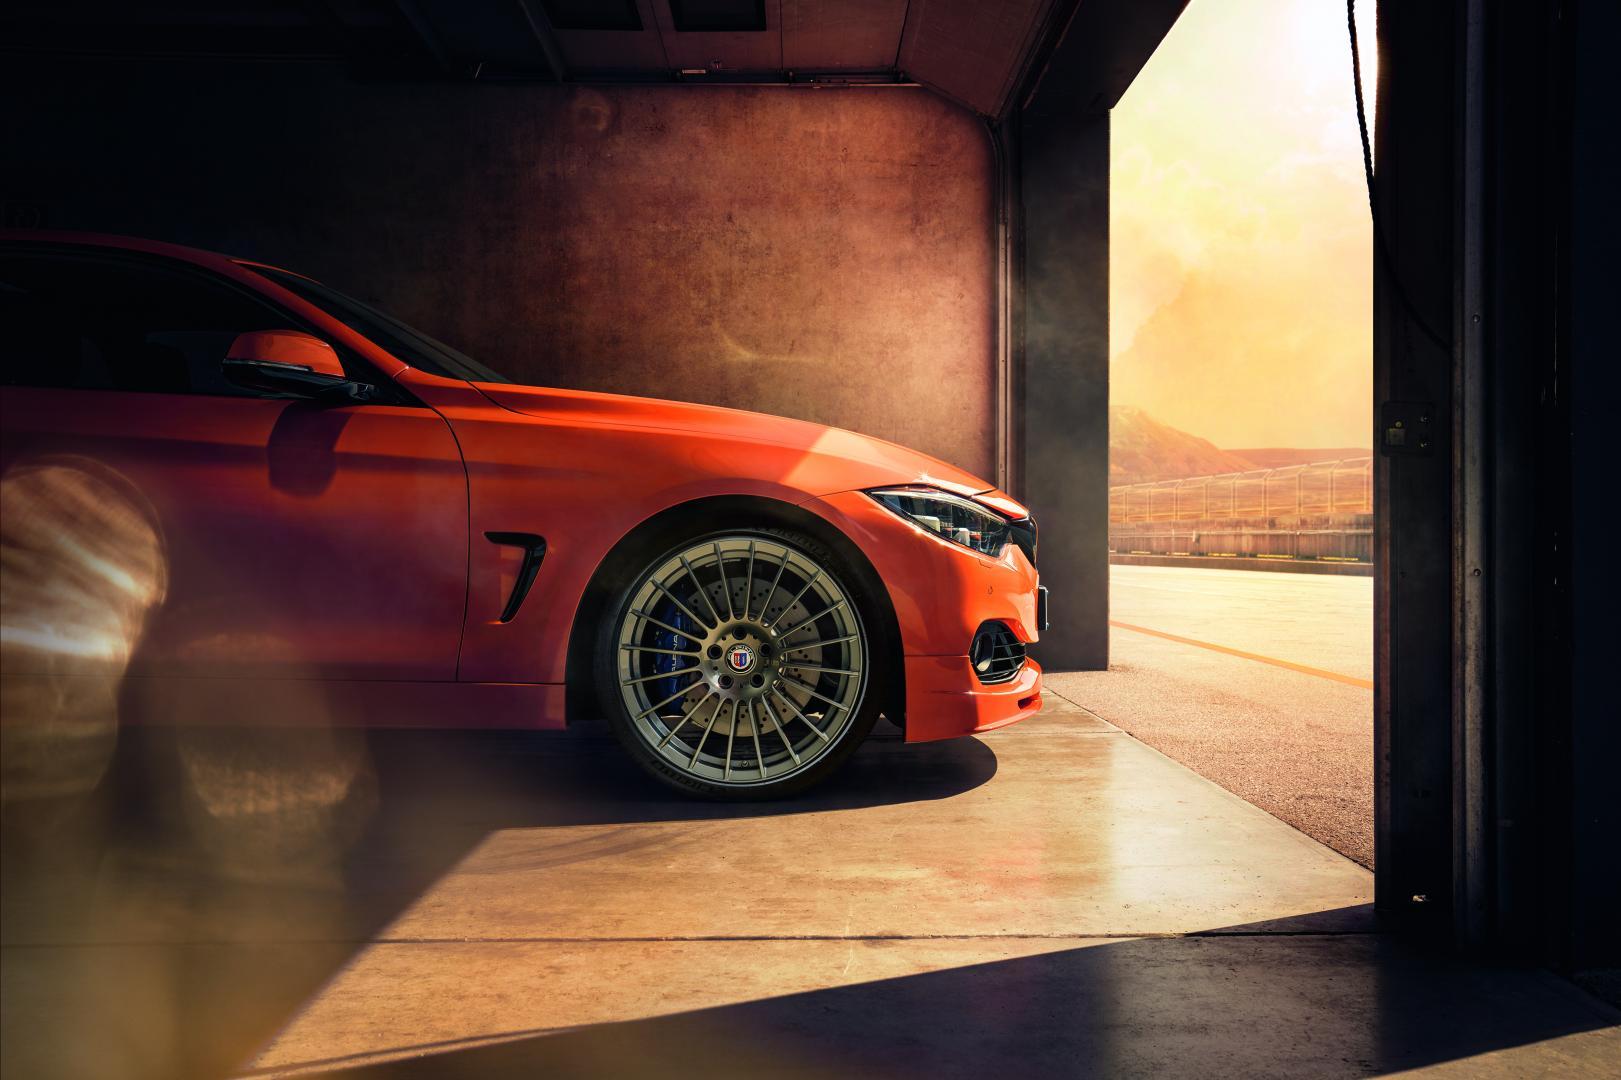 Alpina B4 S Bi-Turbo Edition 99 fire orange